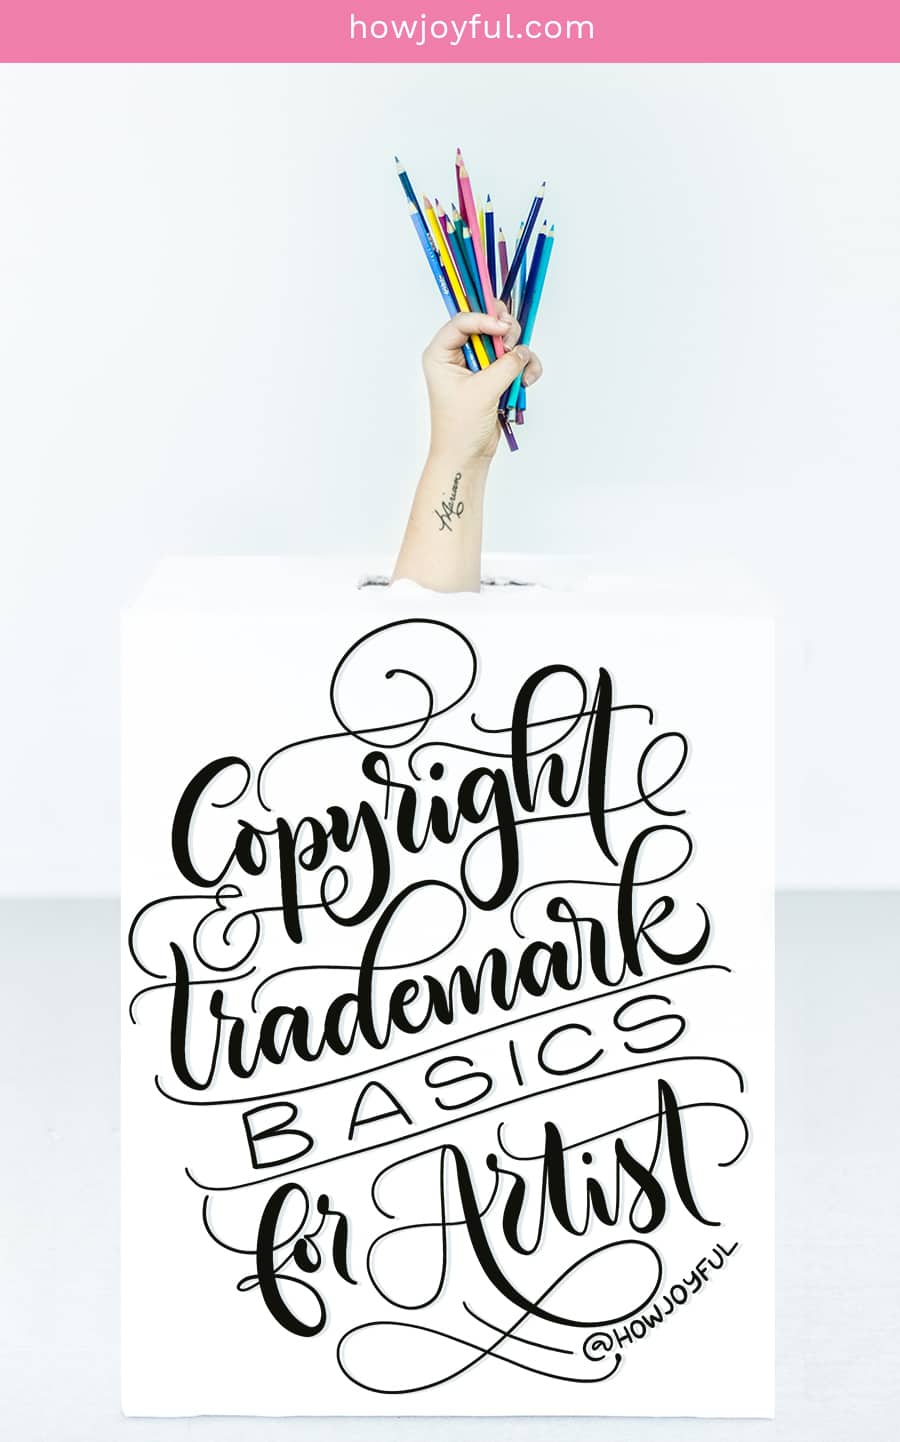 art trademark copyright